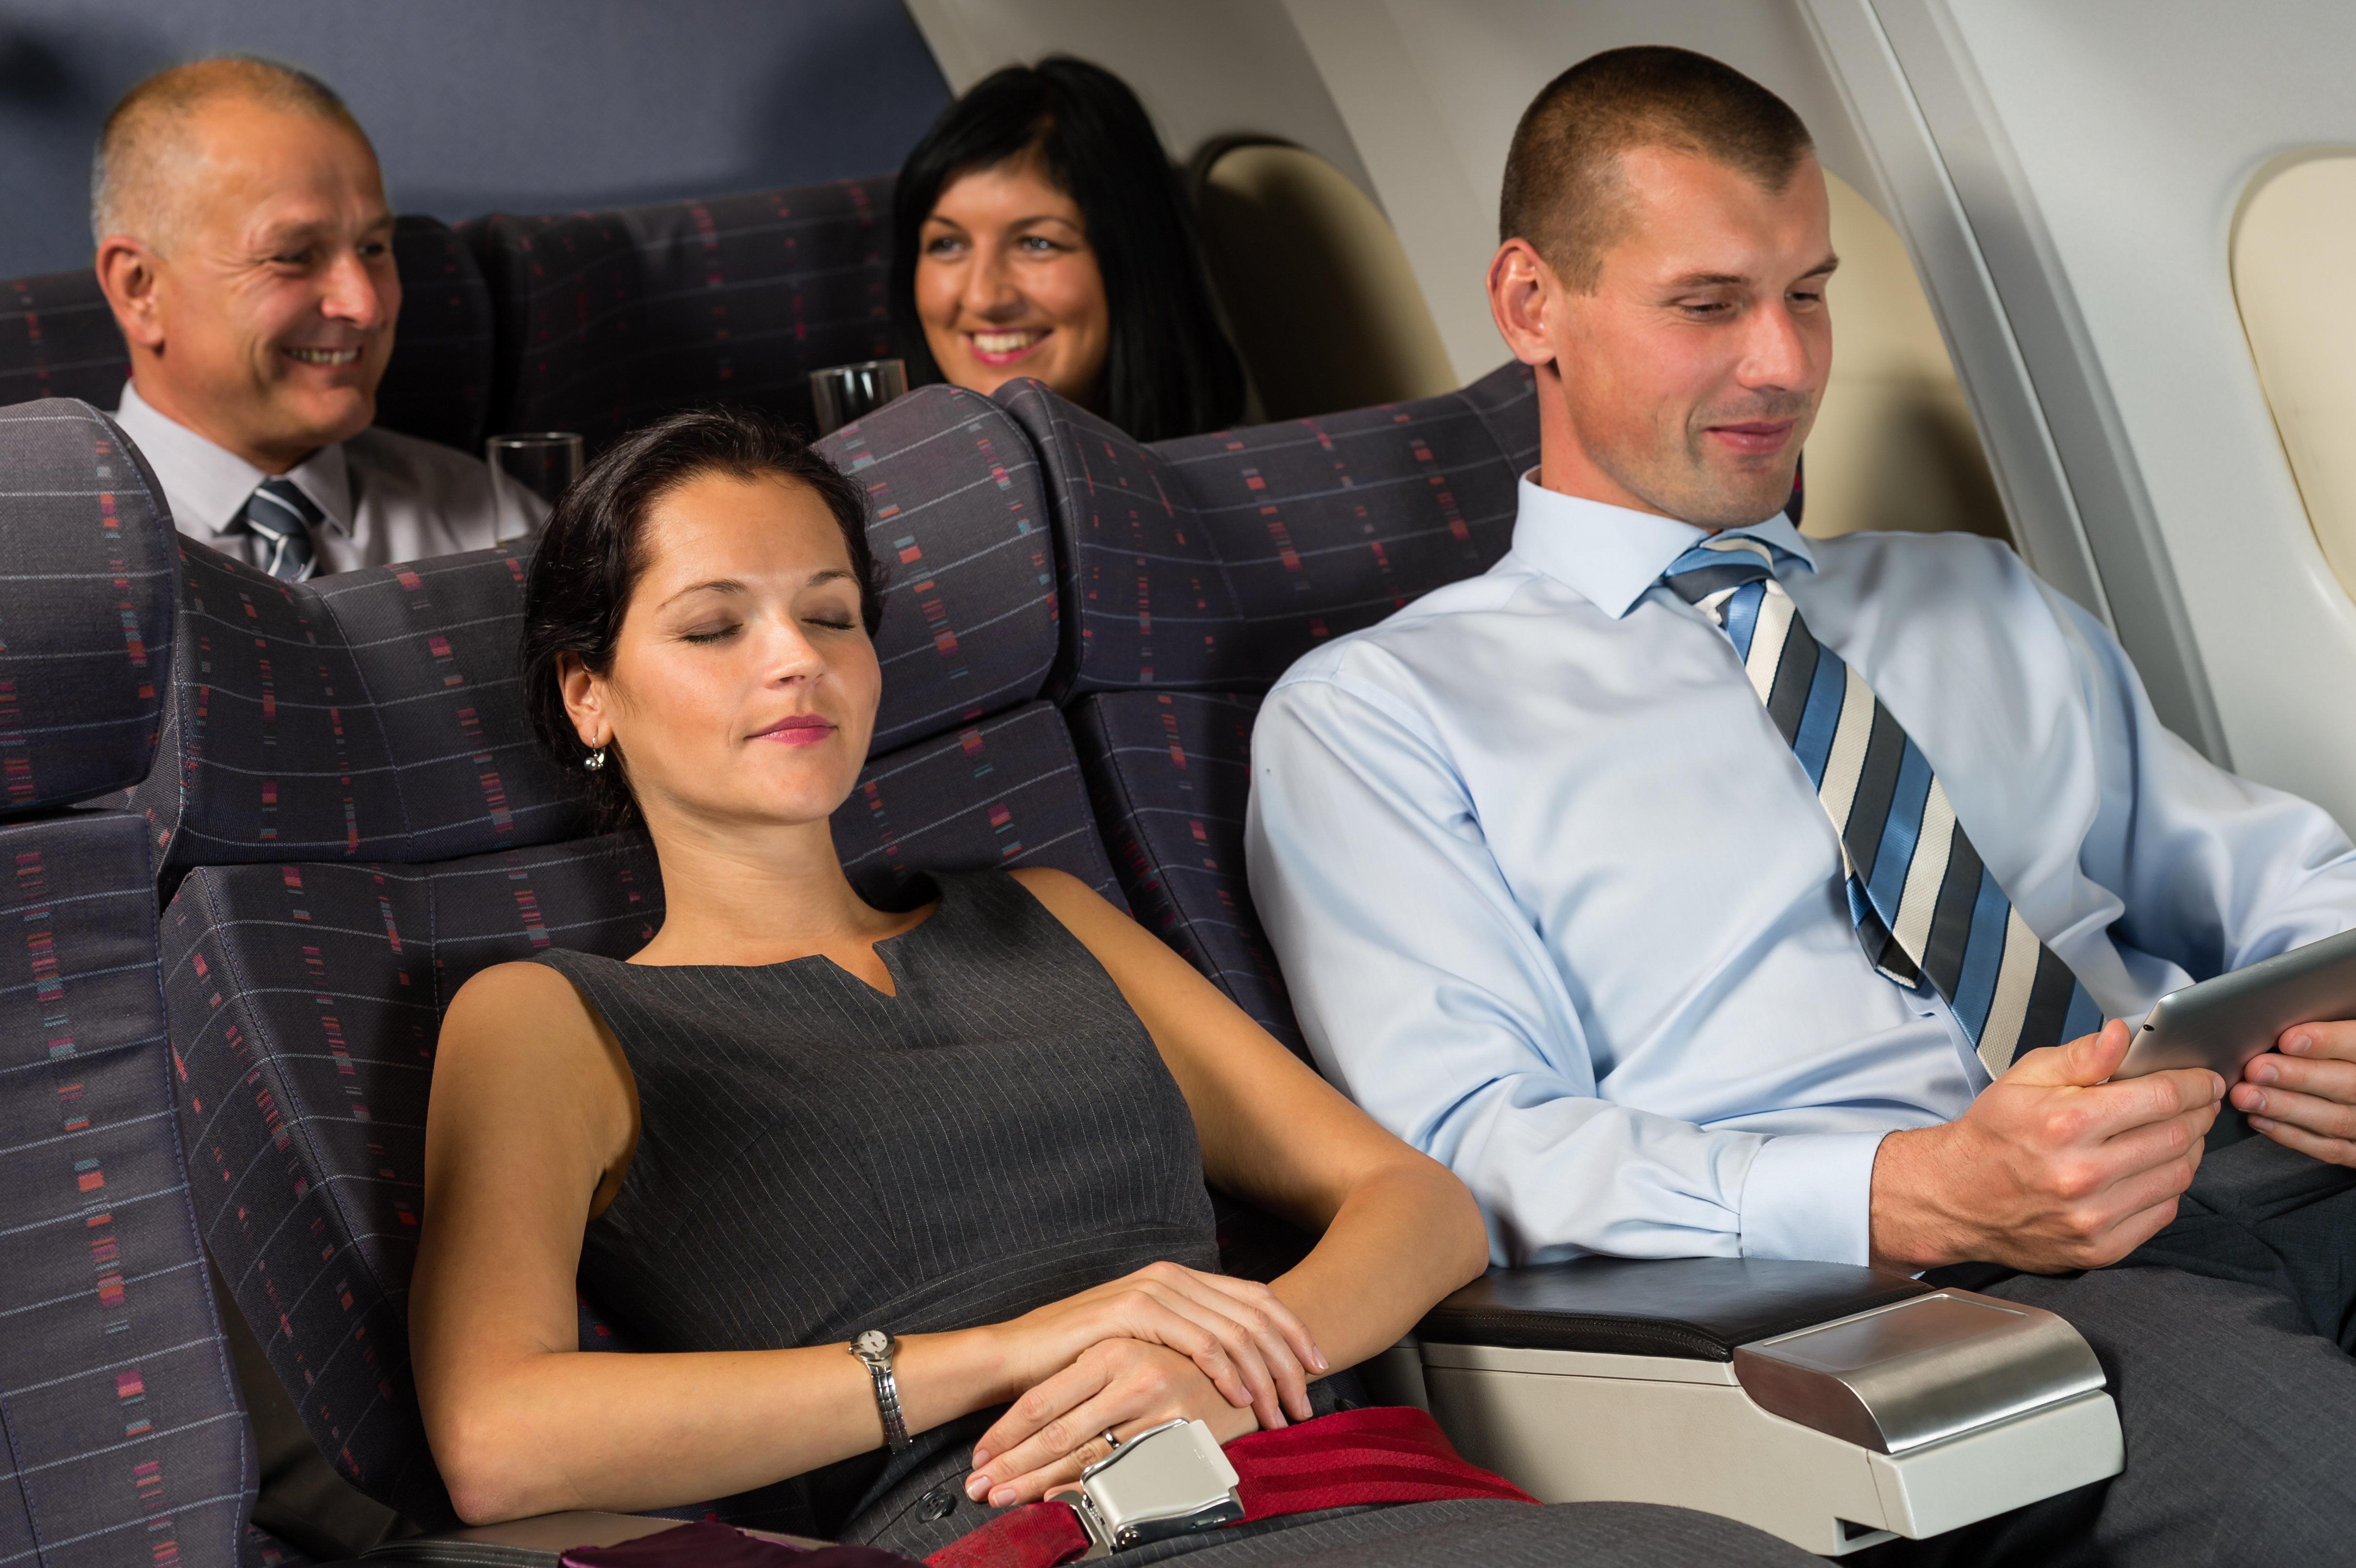 아내를 옆에 둔 채 비행기 옆좌석 승객을 성추행한 한 남성의